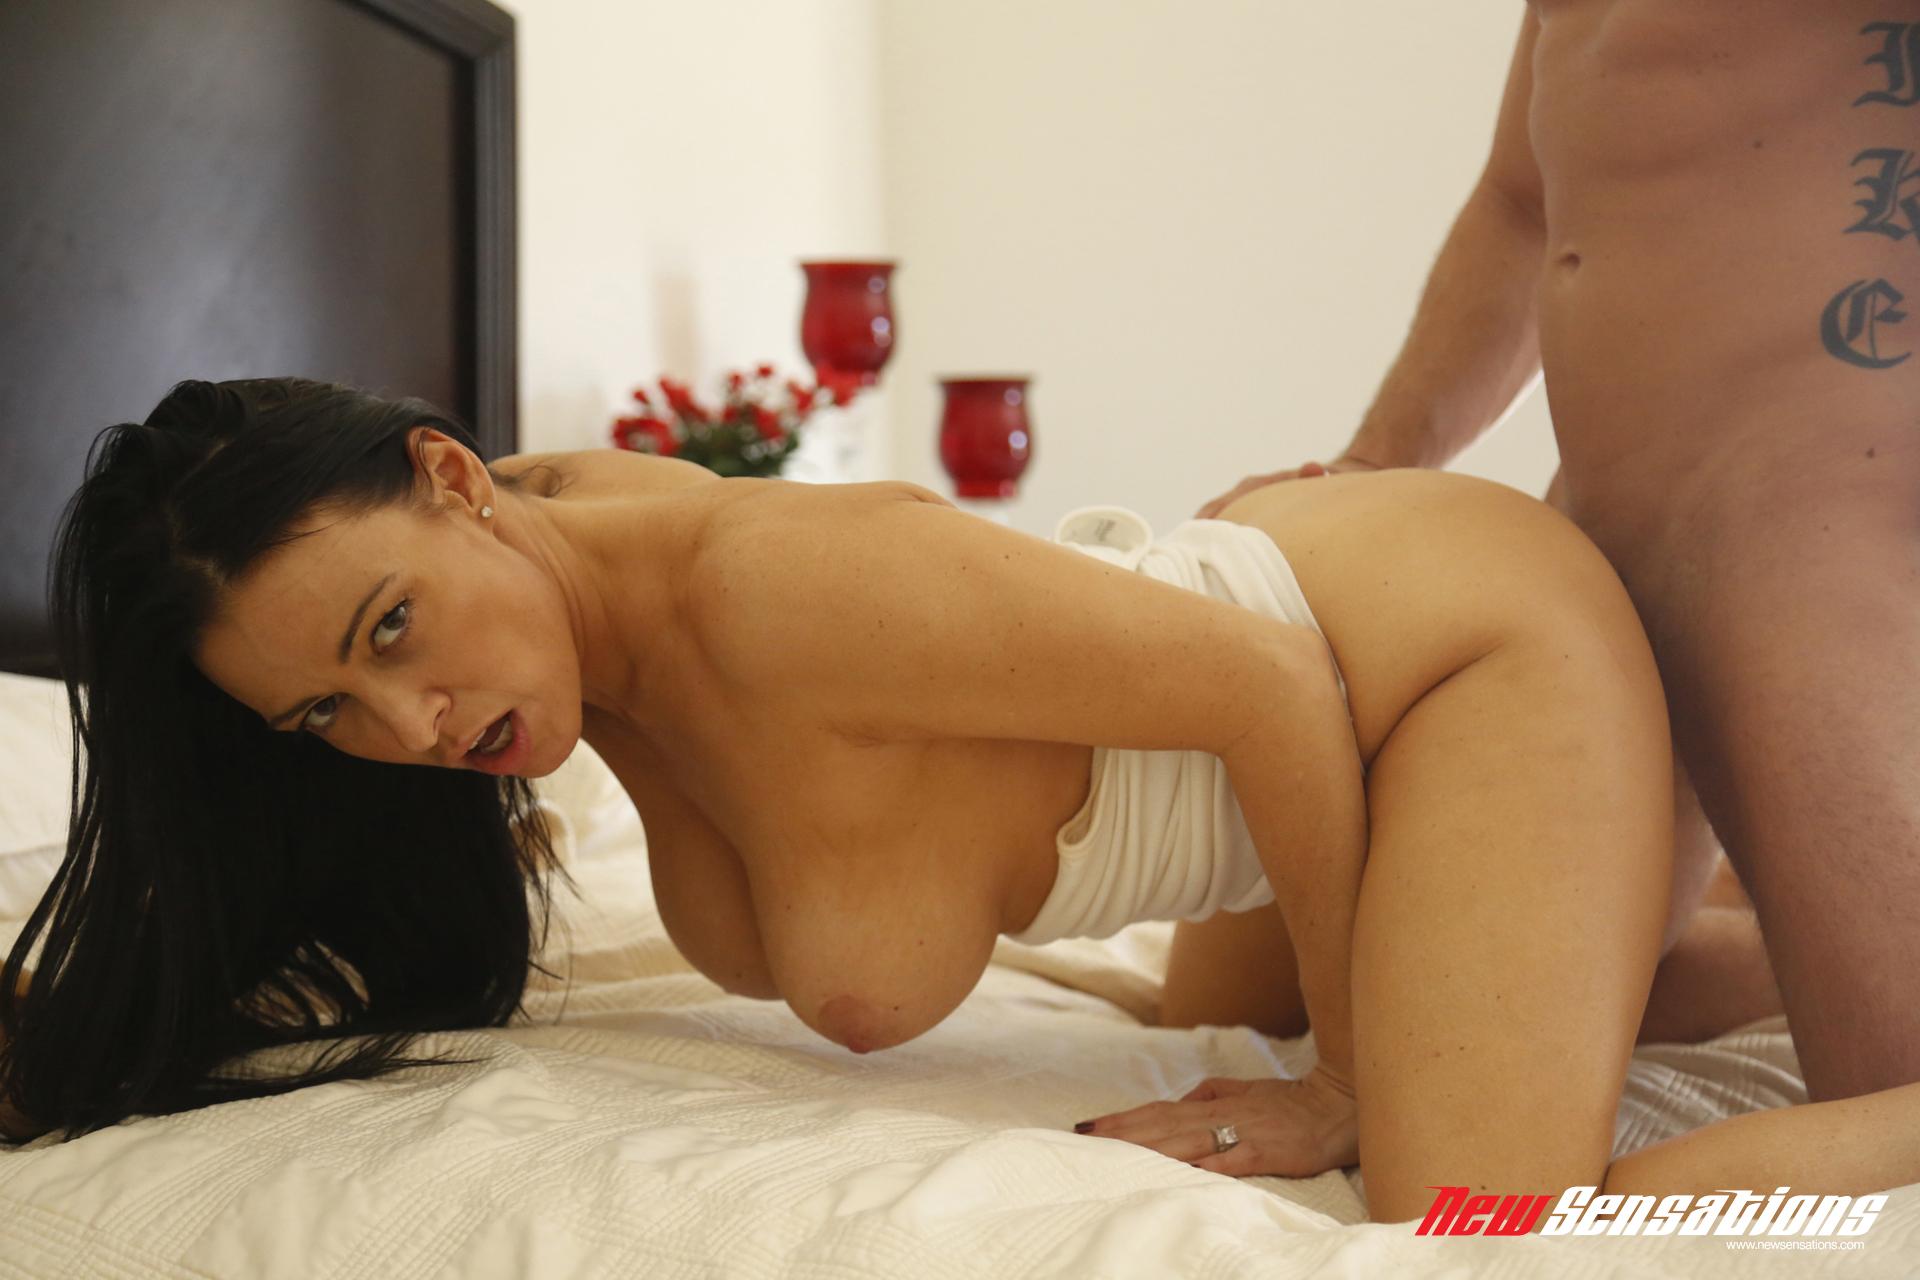 Сумасшедший женский оргазм порно ролики 17 фотография